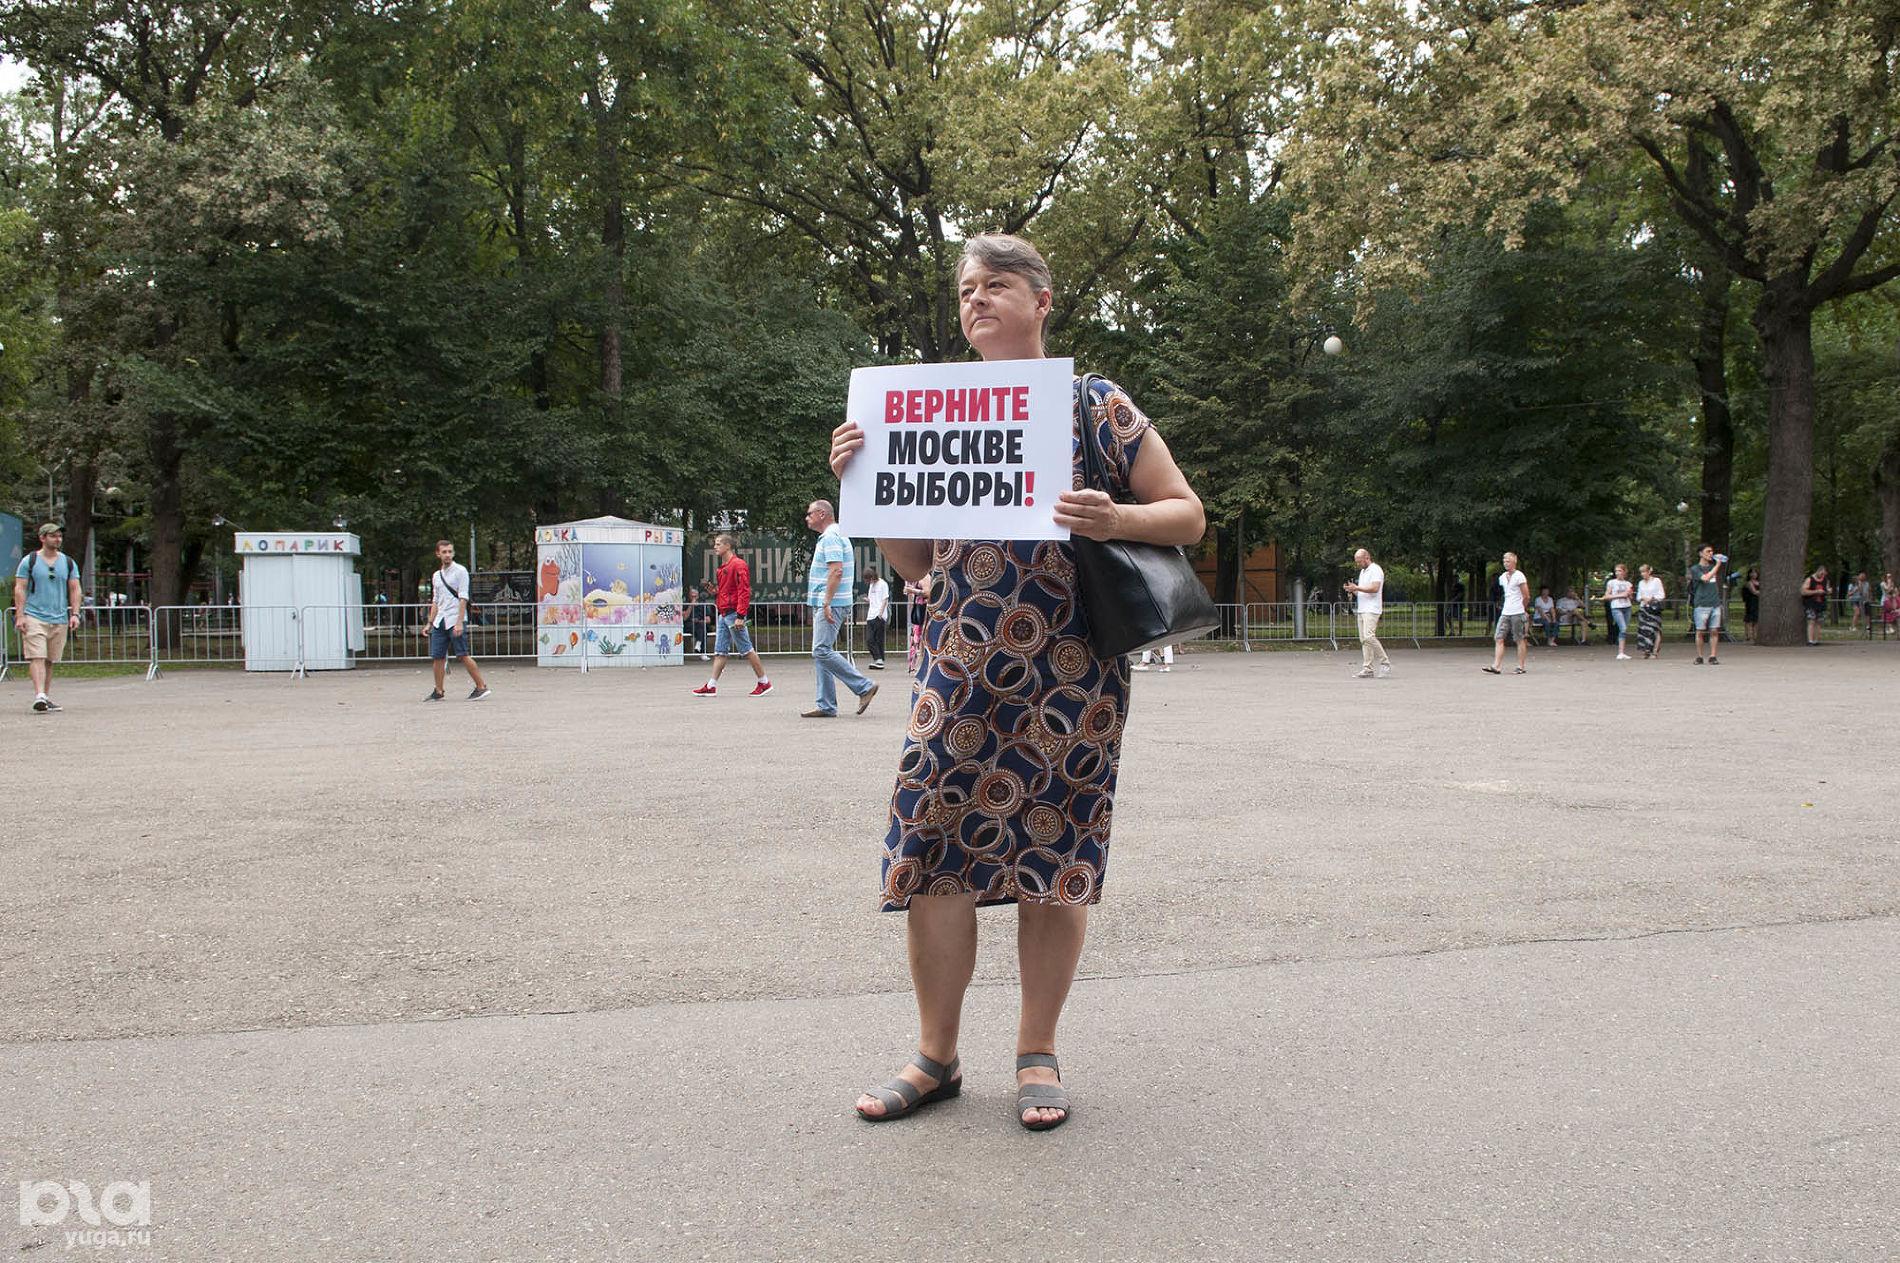 Краснодарский пикет в поддержку московских протестующих, 10 августа 2019 года ©Фото Дмитрия Пославского, Юга.ру